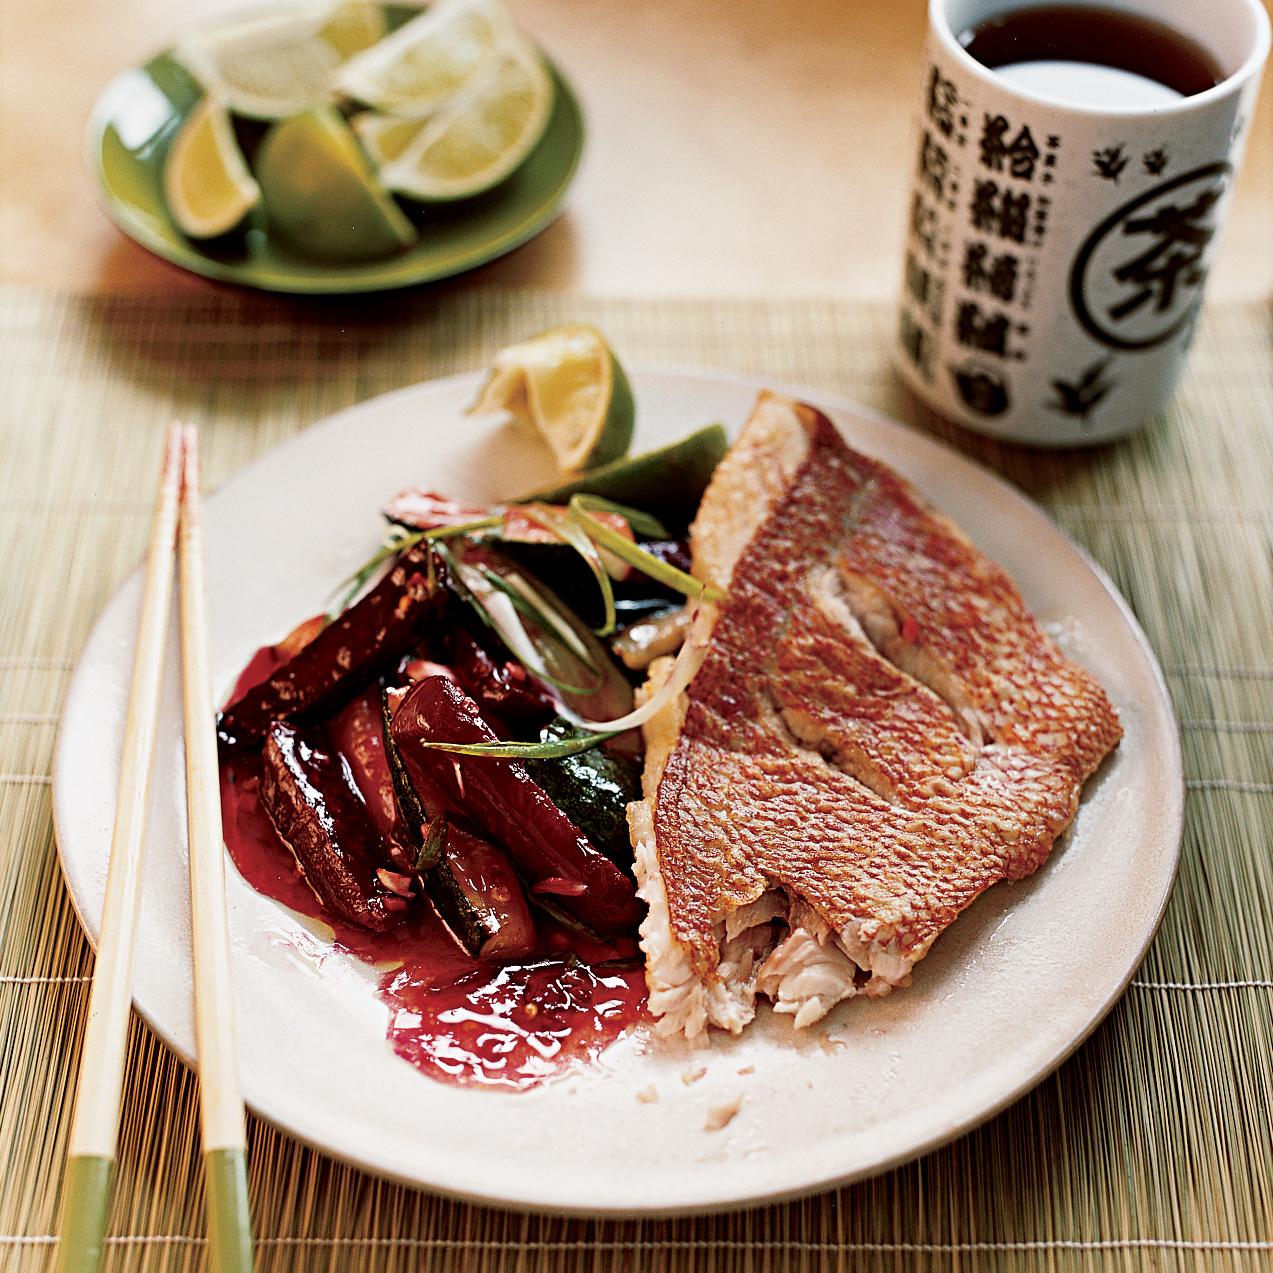 Crisp Red Snapper and Winter Stir-Fry Vegetables